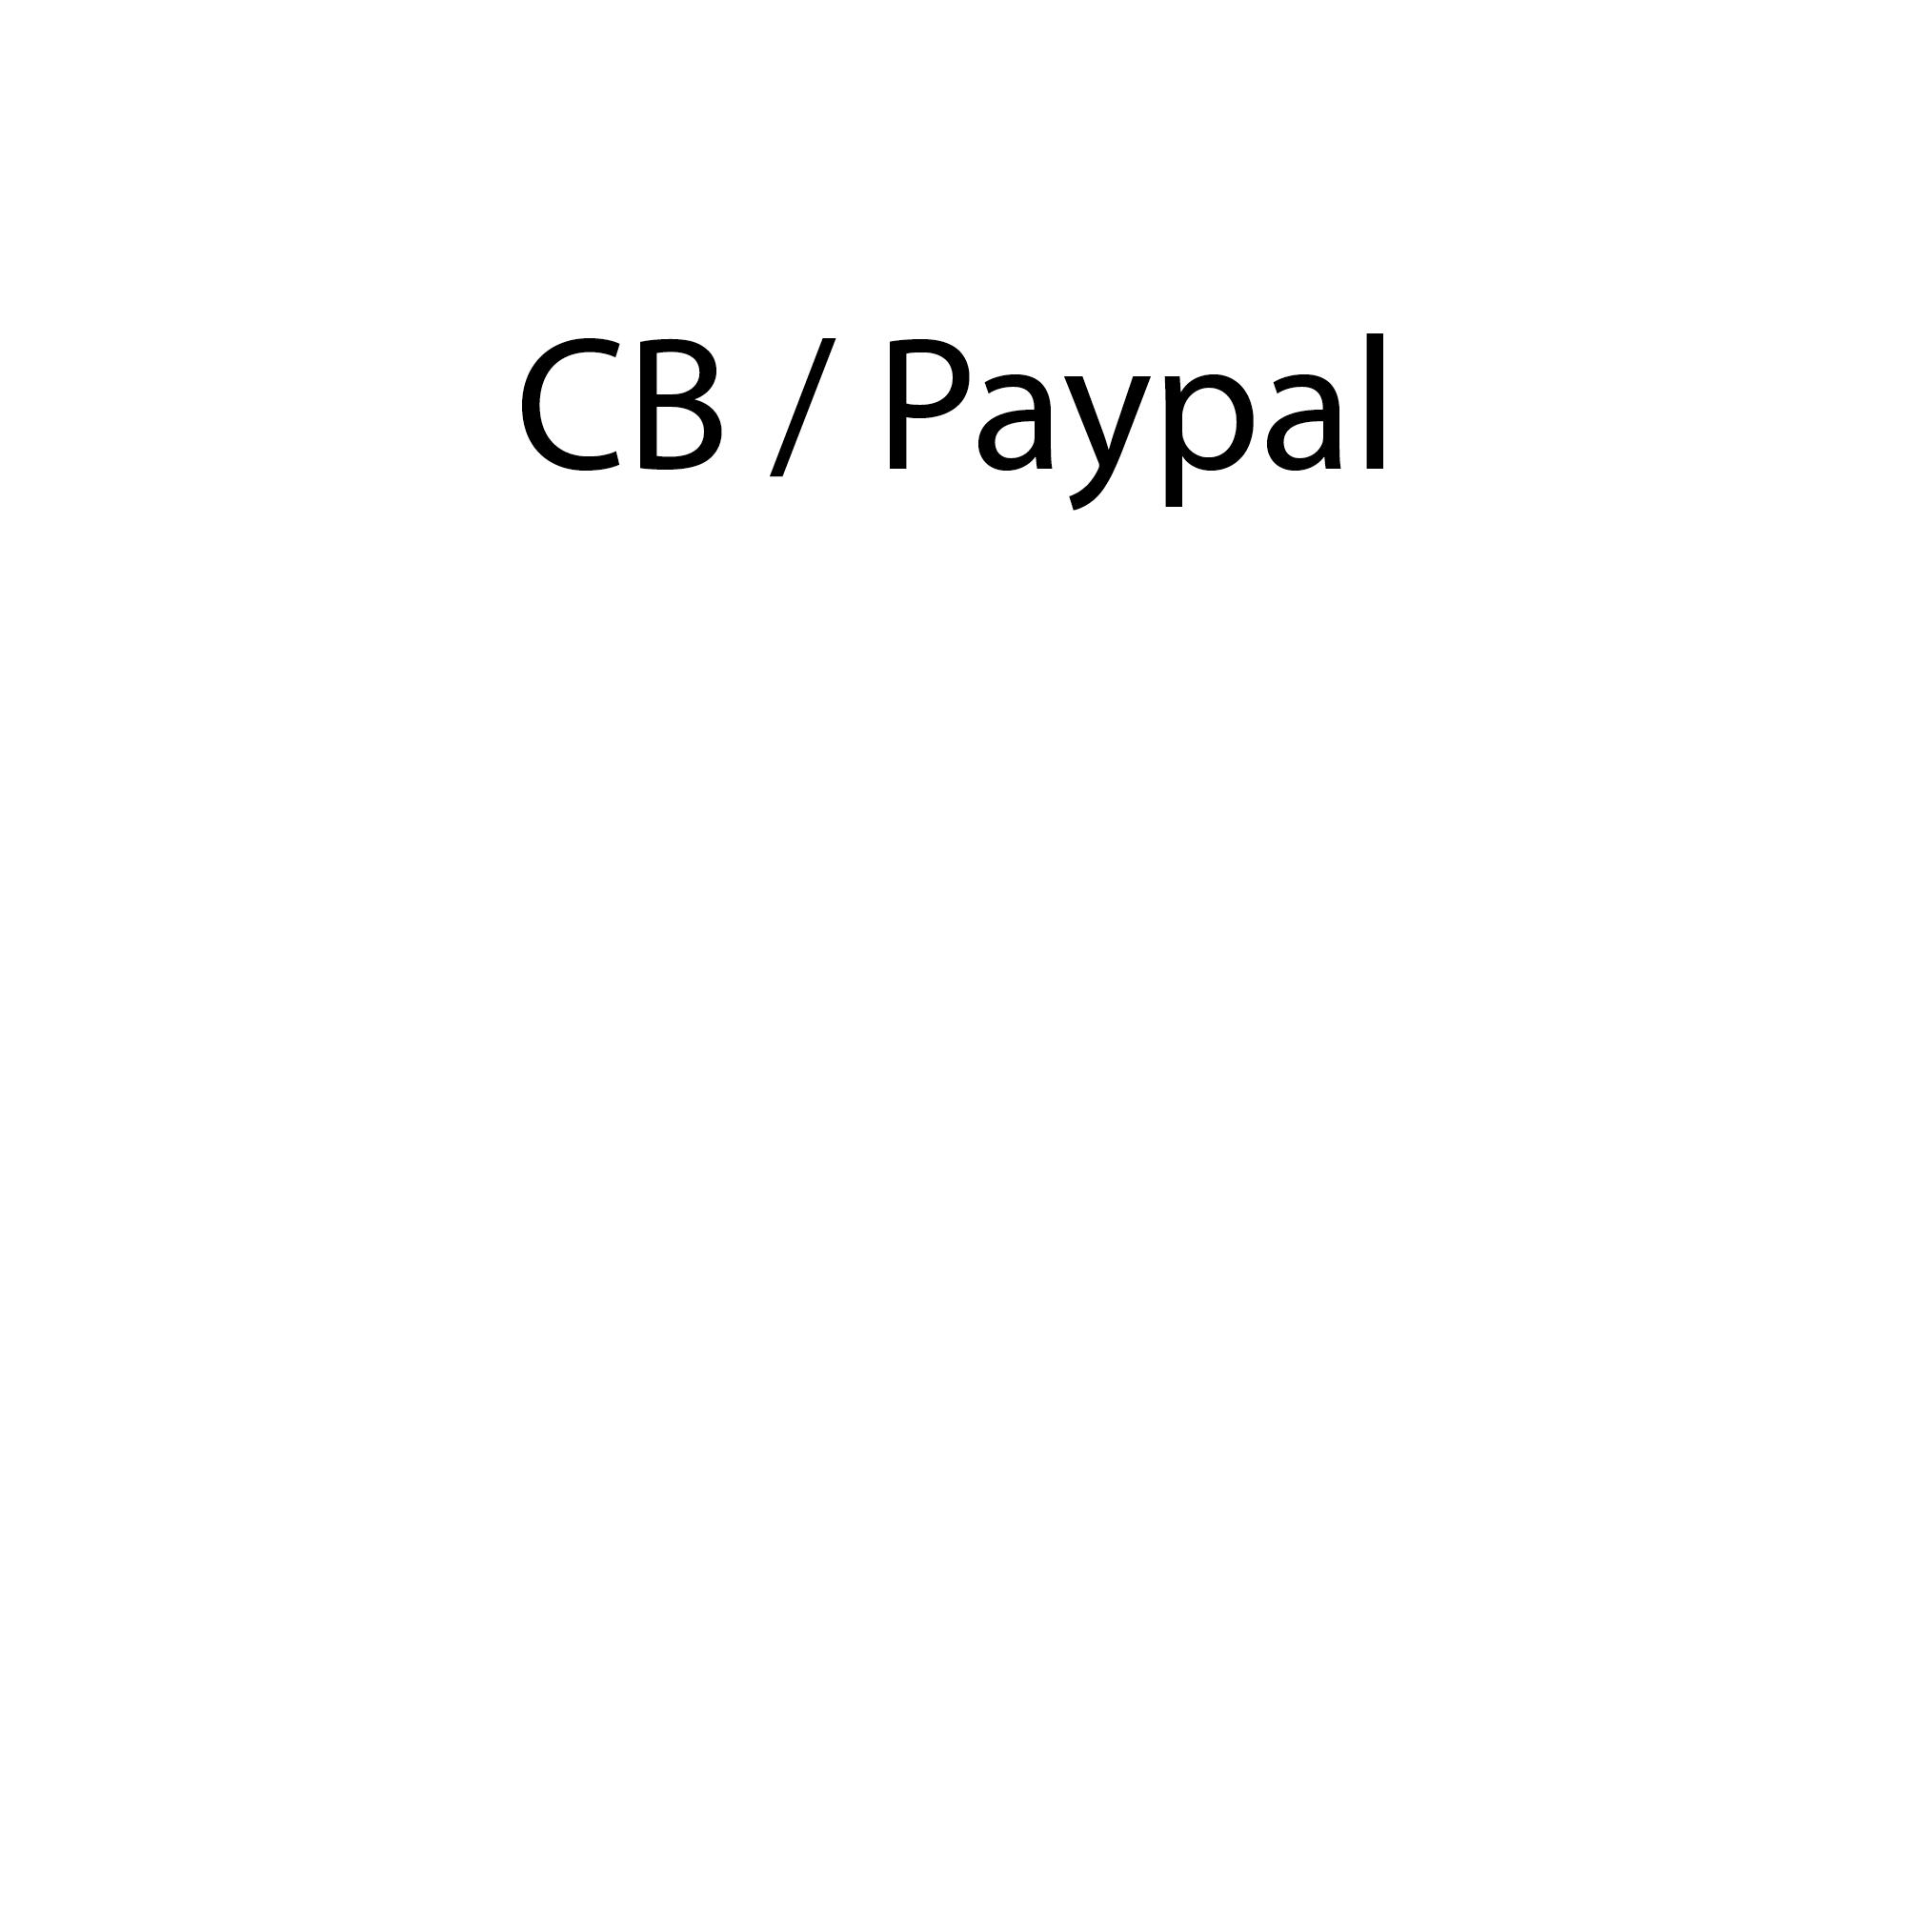 Nous proposons lles règlements via Carte bleue, ou Paypal. Tous les modes de paiement sont assurés sécurisés. Vous recevez votre ticket de paiement directement par email.